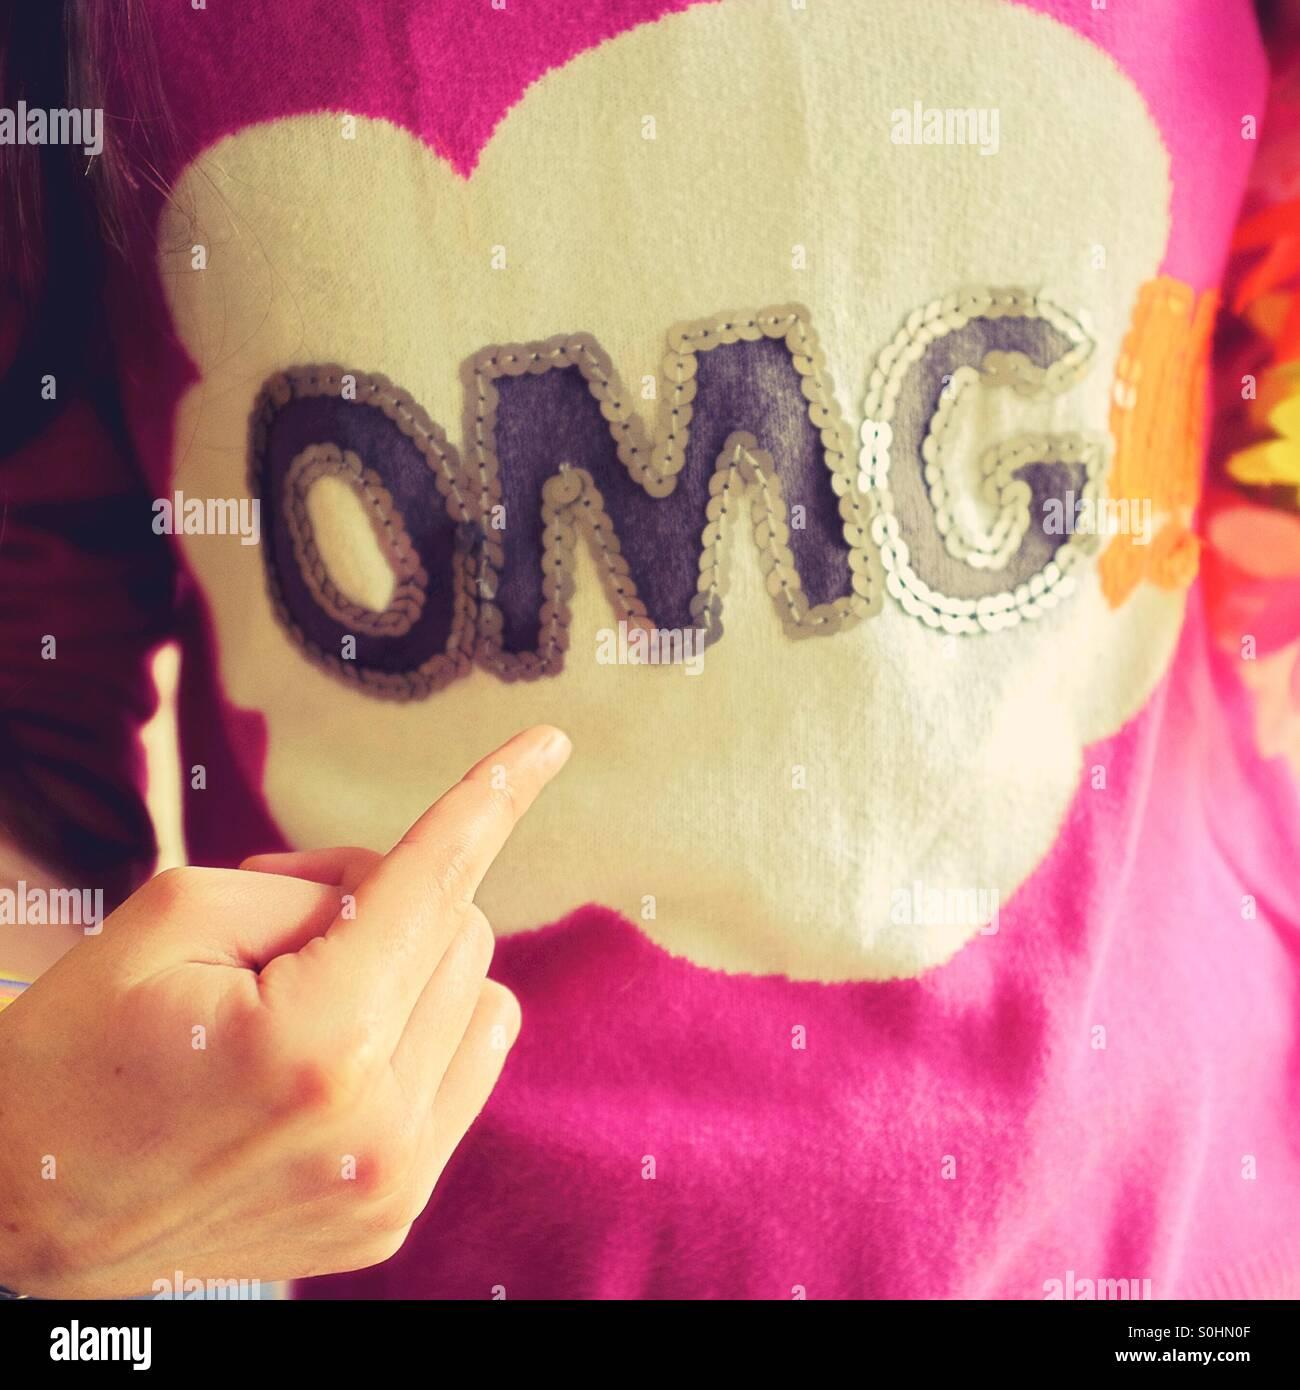 OMG ! - Stock Image